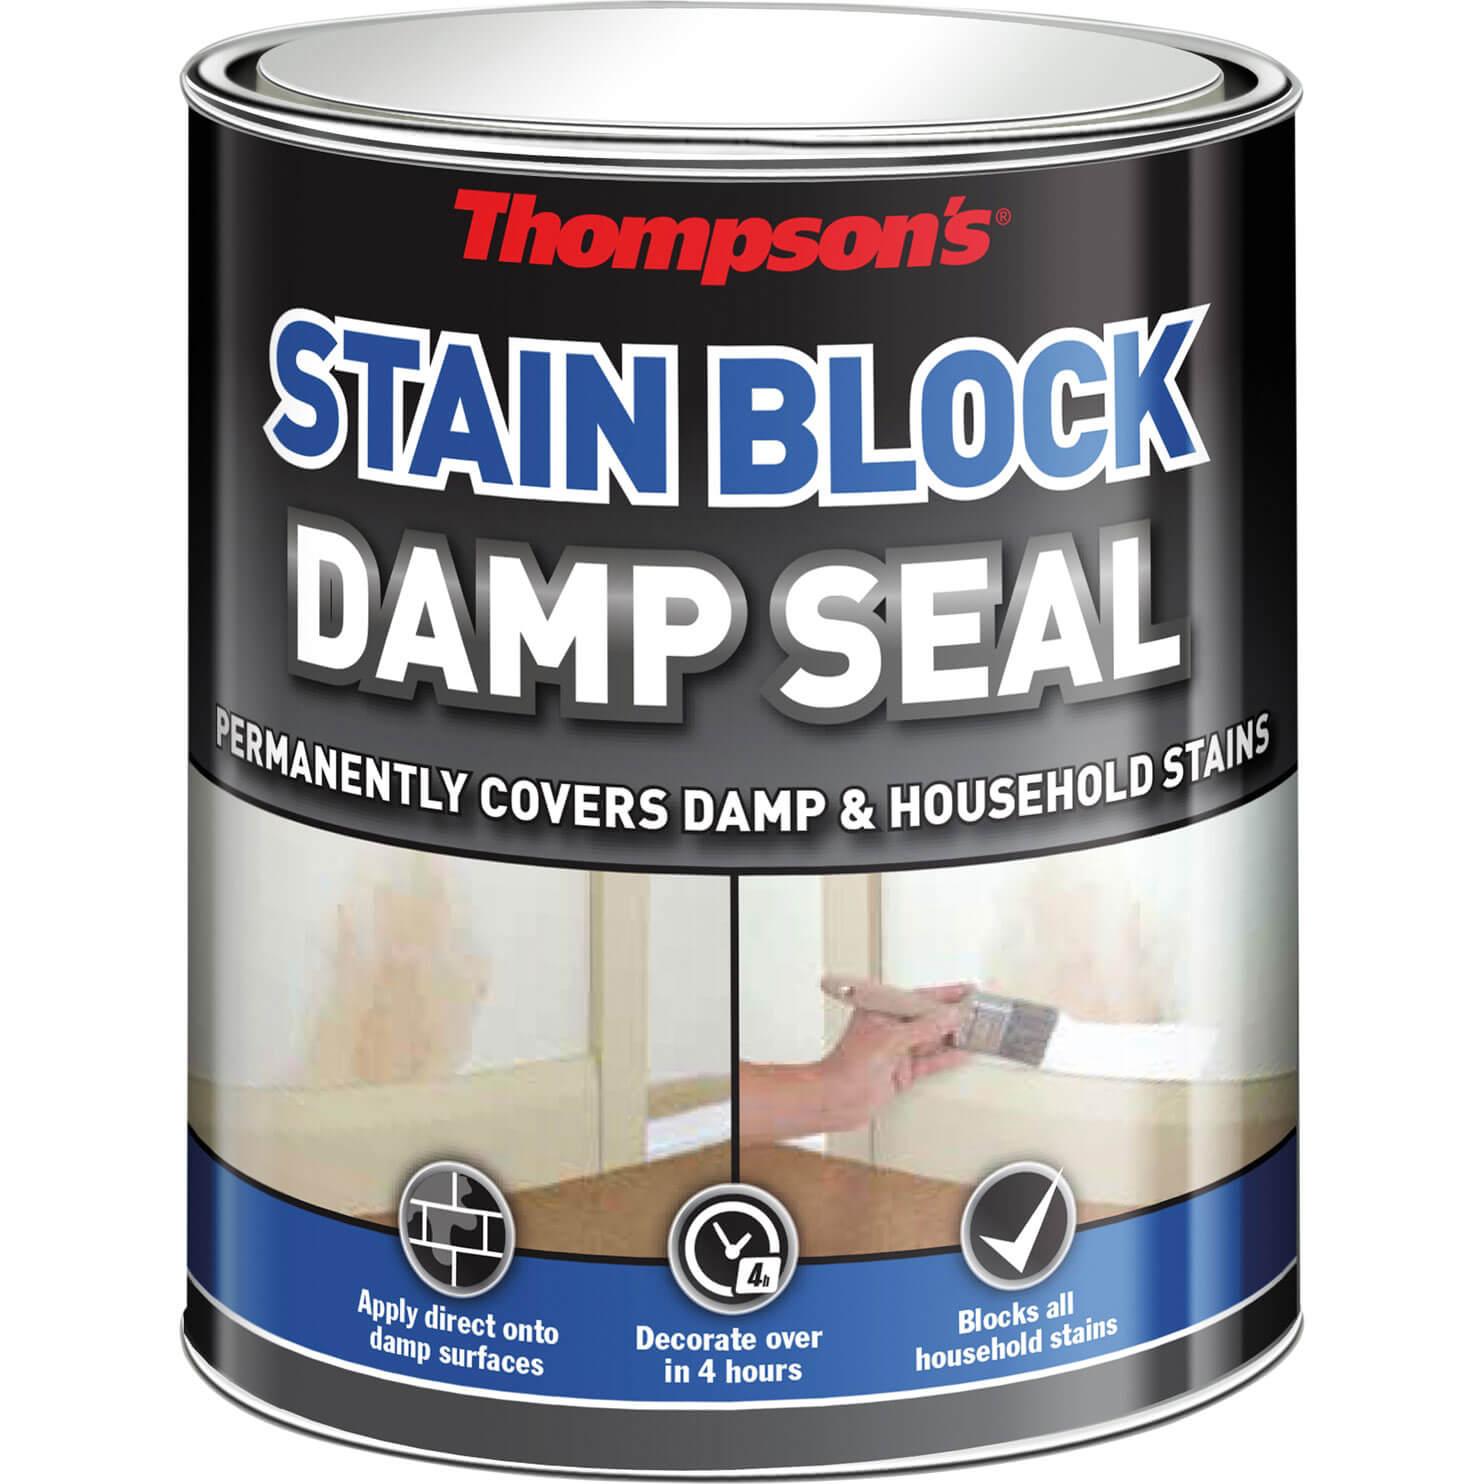 ronseal thompsons damp seal. Black Bedroom Furniture Sets. Home Design Ideas